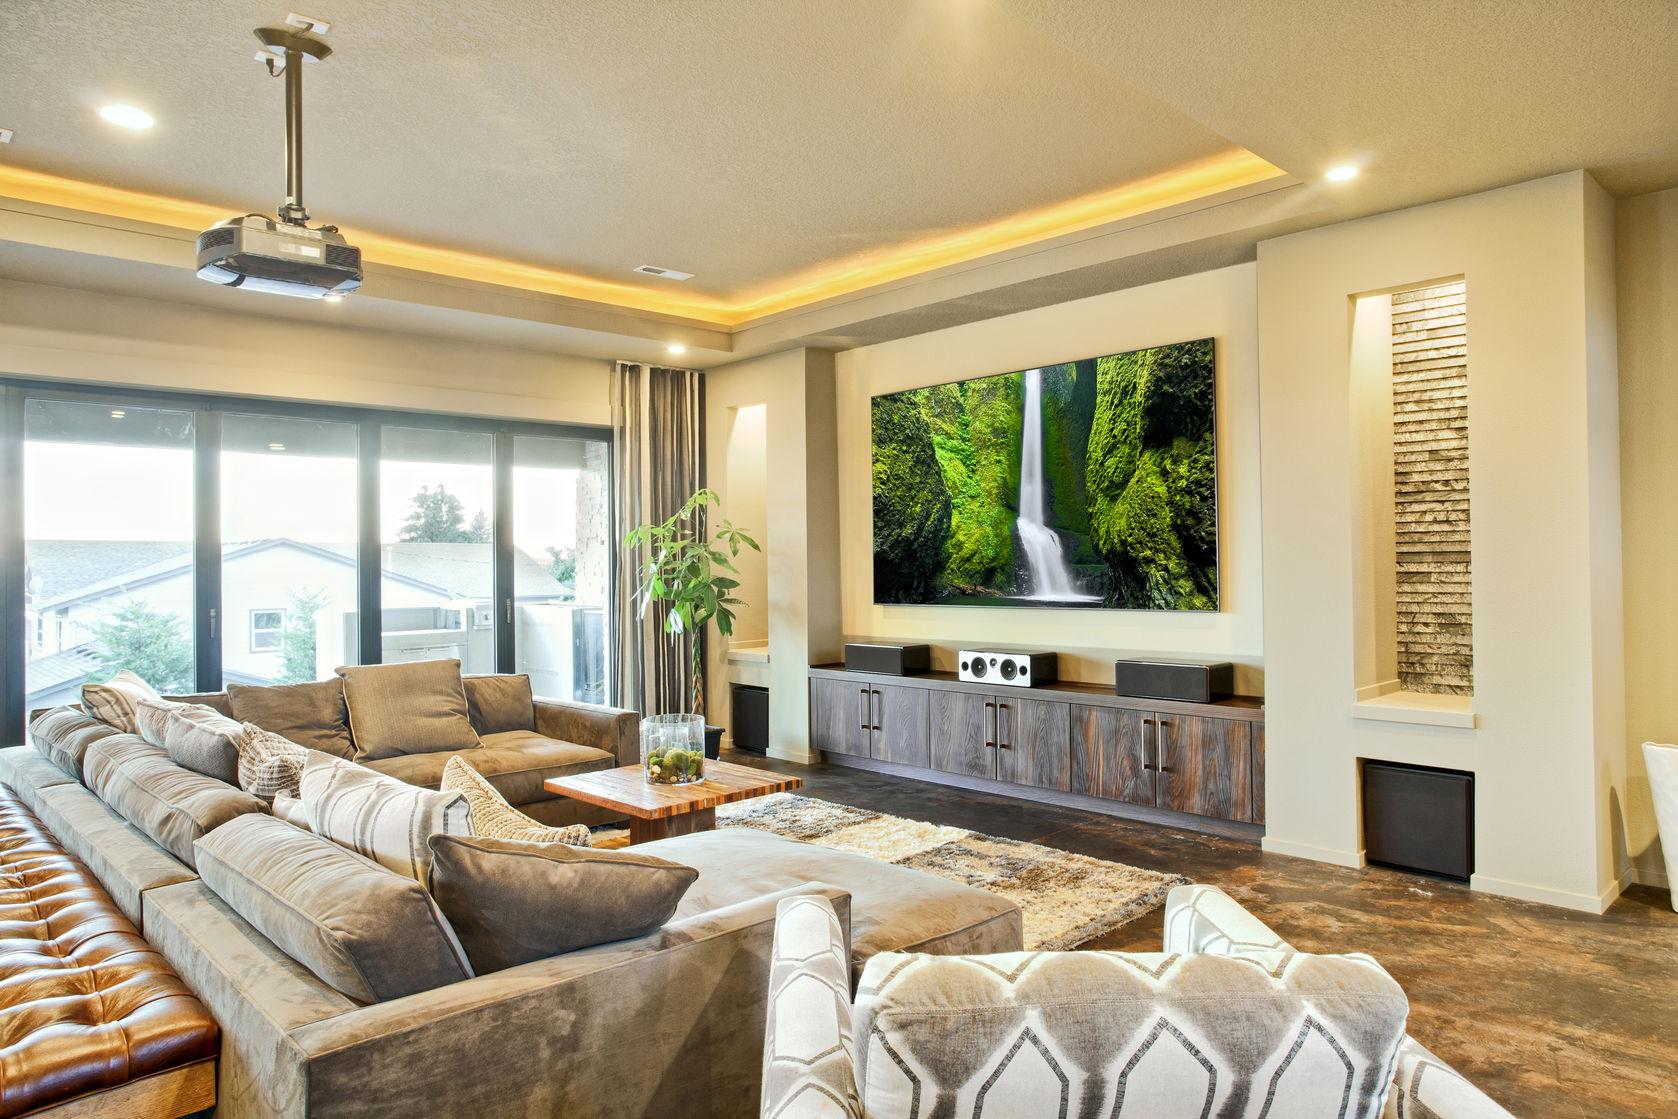 Consejos prácticos para la decoración de tu hogar